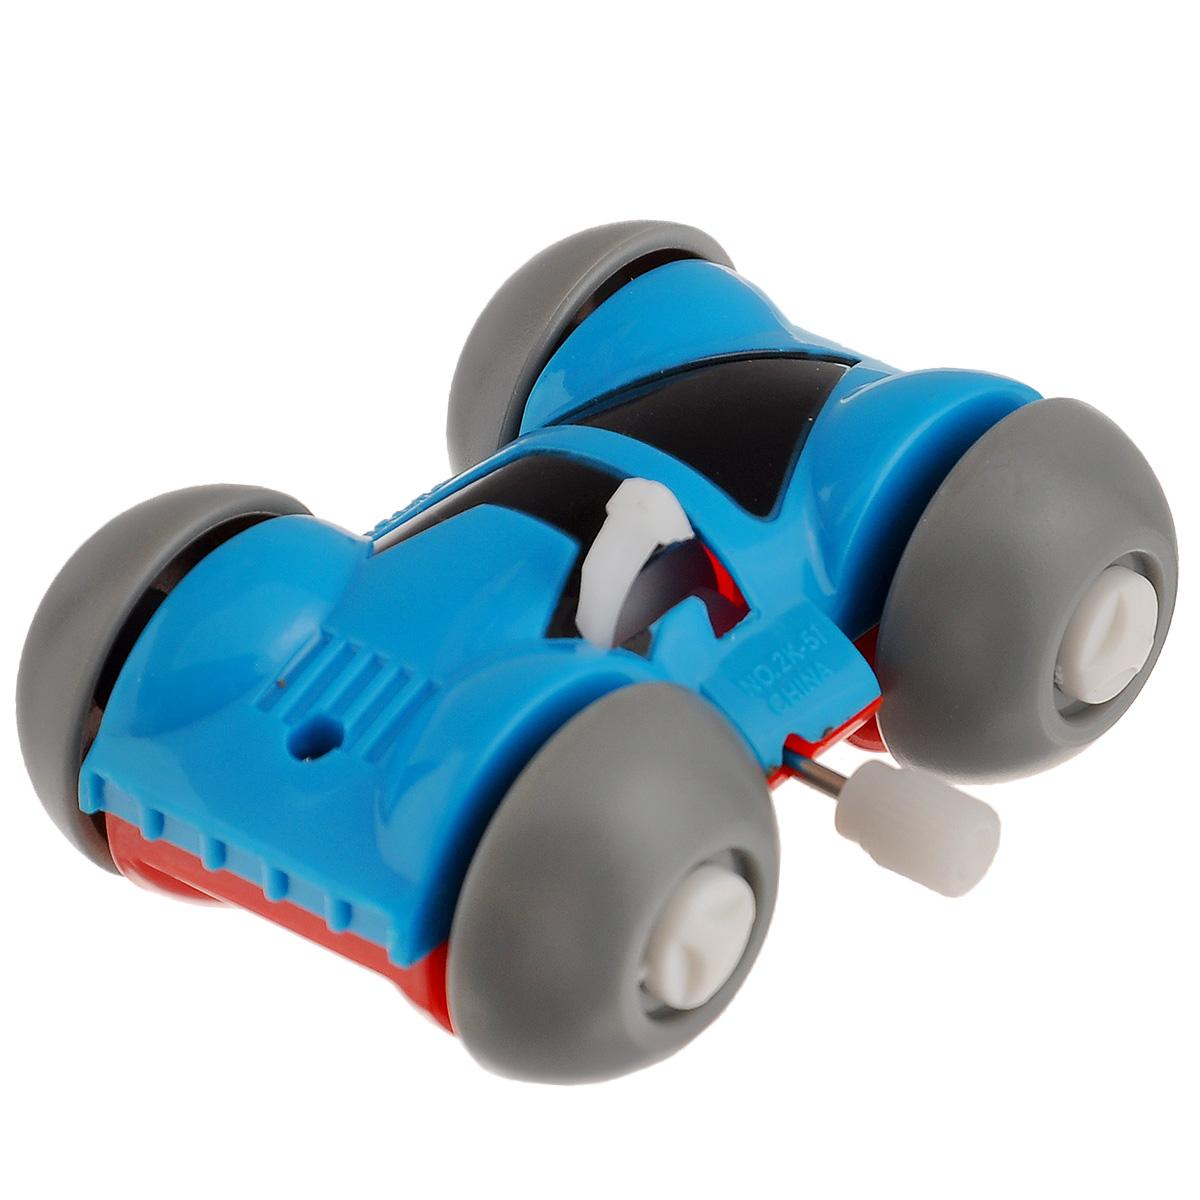 Игрушка заводная Машинка-перевертыш, цвет: голубой, красный2K-51BDИгрушка Hans Машинка-перевертыш привлечет внимание вашего малыша и не позволит ему скучать! Выполненная из безопасного пластика, игрушка представляет собой забавную машинку. Игрушка имеет механический завод. Для запуска, придерживая колеса, поверните заводной ключ по часовой стрелке до упора. Установите игрушку на поверхность и она поедет вперед, так же во время движения машинка переворачивается. Игра с заводными игрушками способствует приятному времяпрепровождению, стимулирует ребенка к активным действиям, научит устанавливать причинно-следственные связи. Мелкие детали и разнофактурные материалы благоприятствуют развитию тактильных ощущений и моторики пальчиков, а яркие цвета и забавные формы стимулируют зрение.